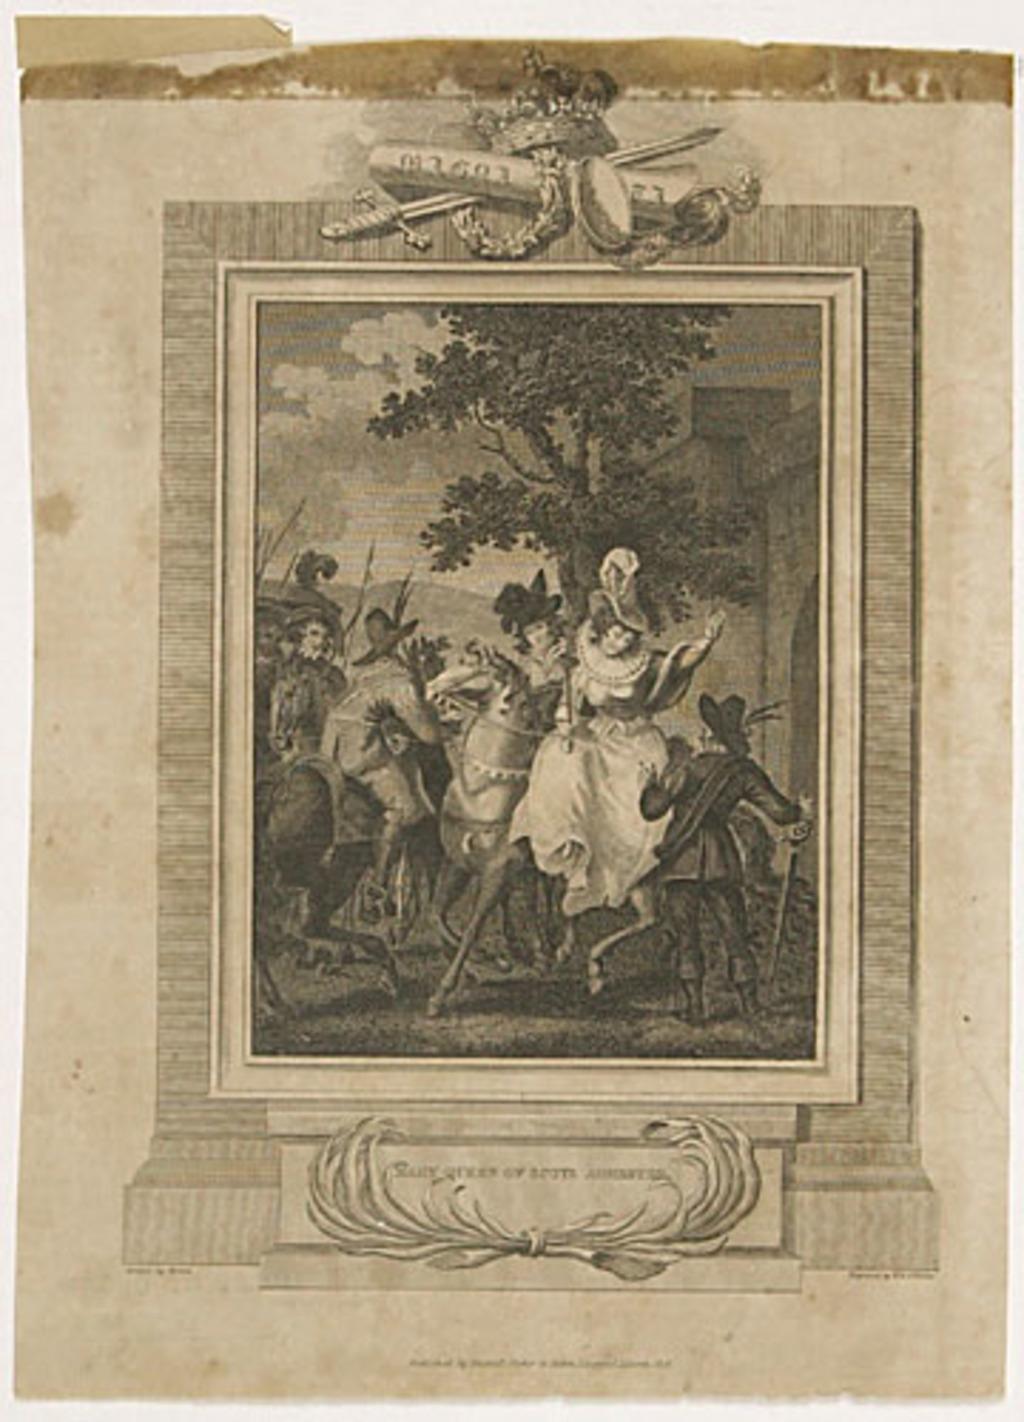 Marie, reine d'Écosse, en état d'arrestation, extrait de l'ouvrage Histoire de l'Angleterre de Theophilus Camden